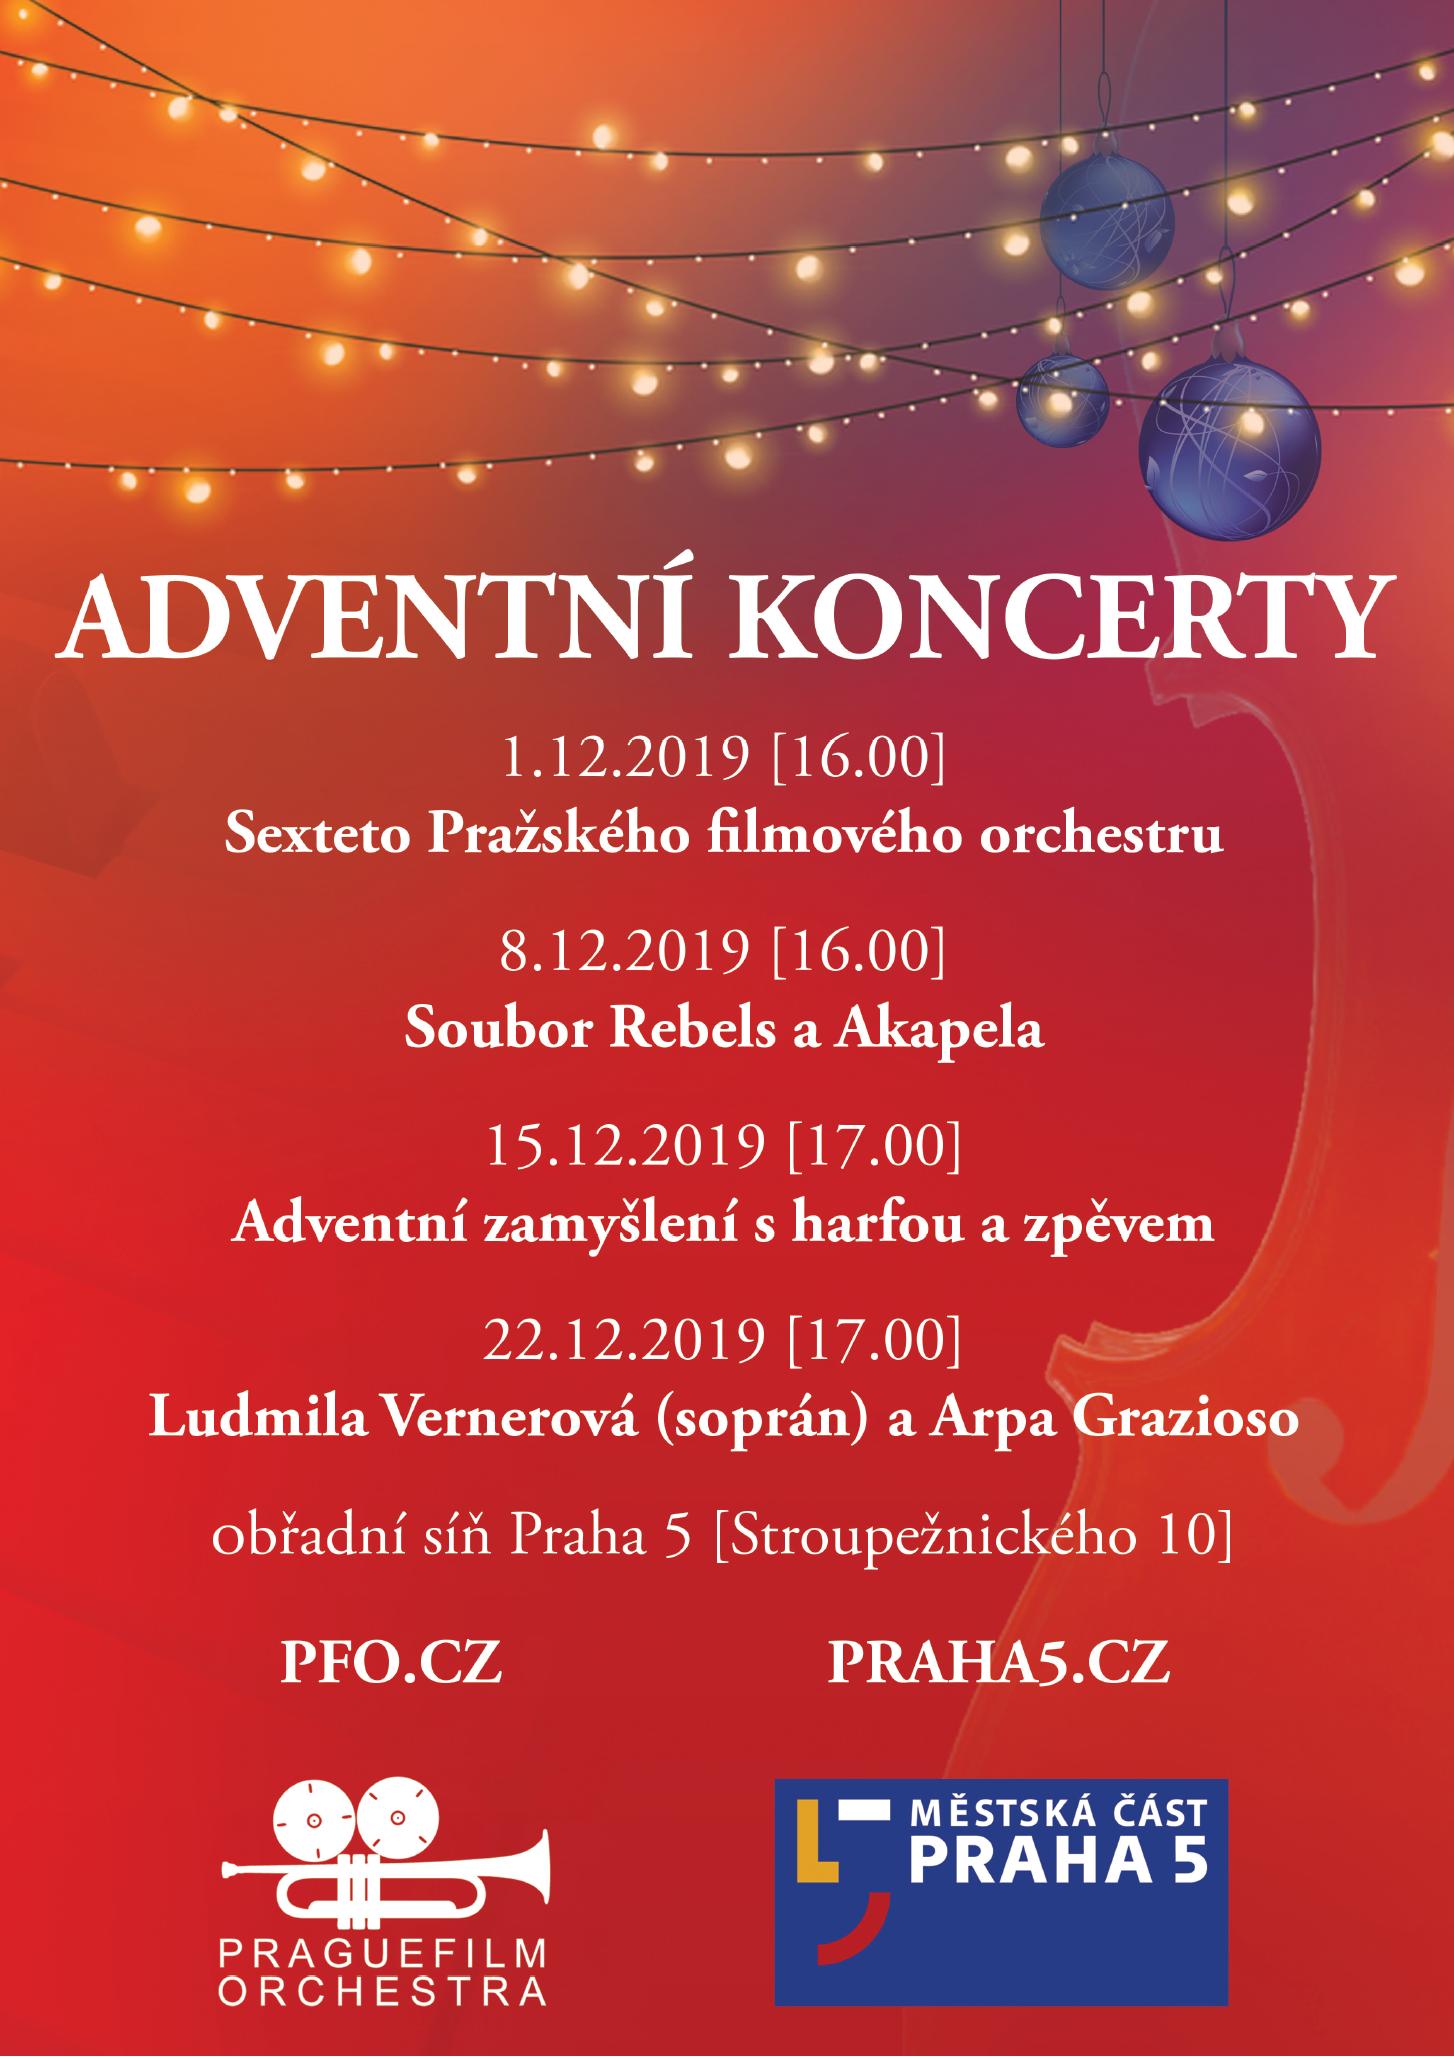 adventni-koncerty-zacinaji-v-nedeli-1-prosince-2019